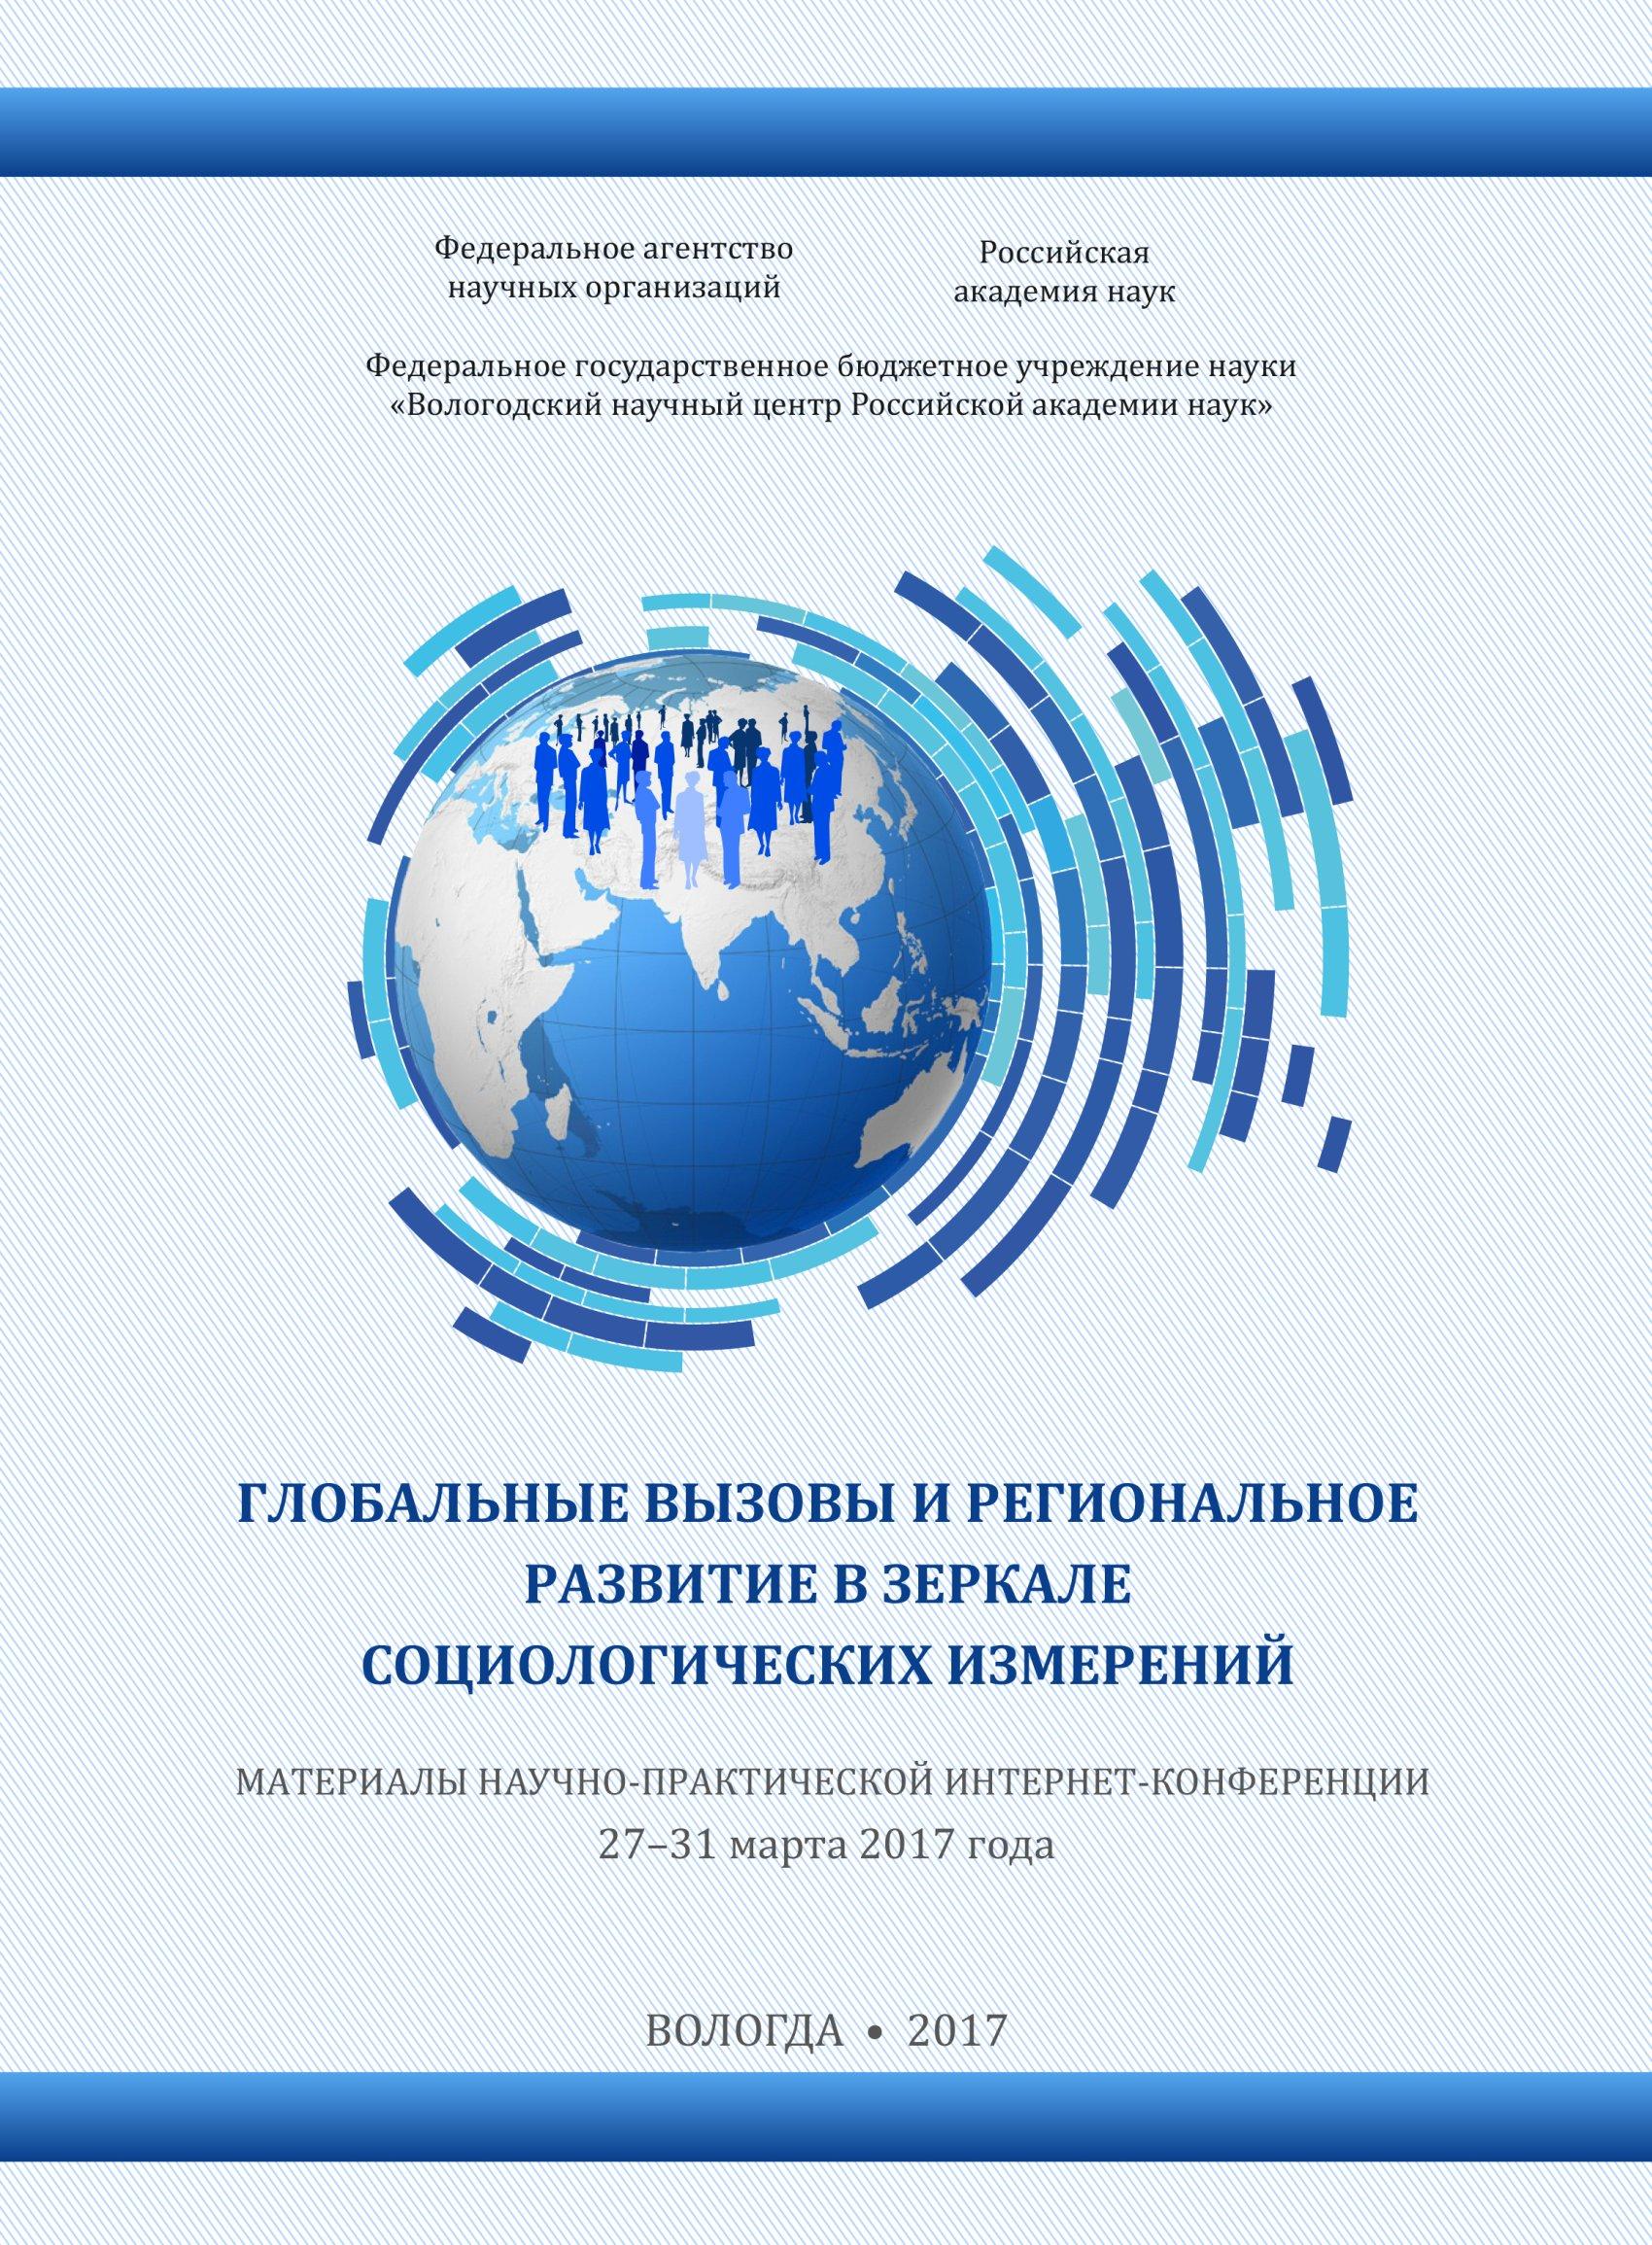 globalnye vyzovy i regionalnoe razvitie v zerkale sotsiologicheskikh izmereniy 2017 g